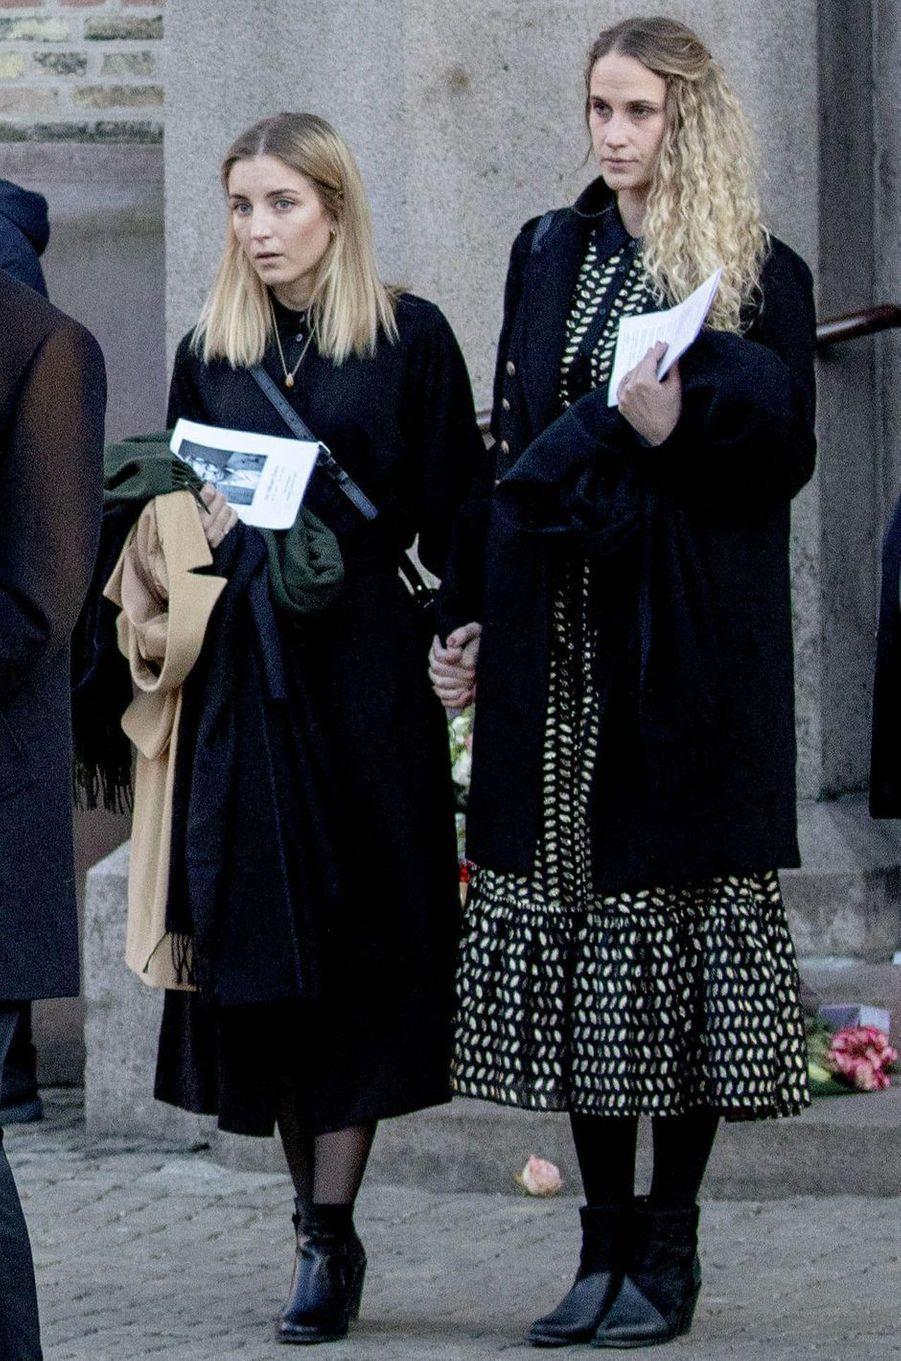 A droite, Ebba Rysst Heilman, la dernière compagne d'Ari Behn, à Oslo le 3 janvier 2019